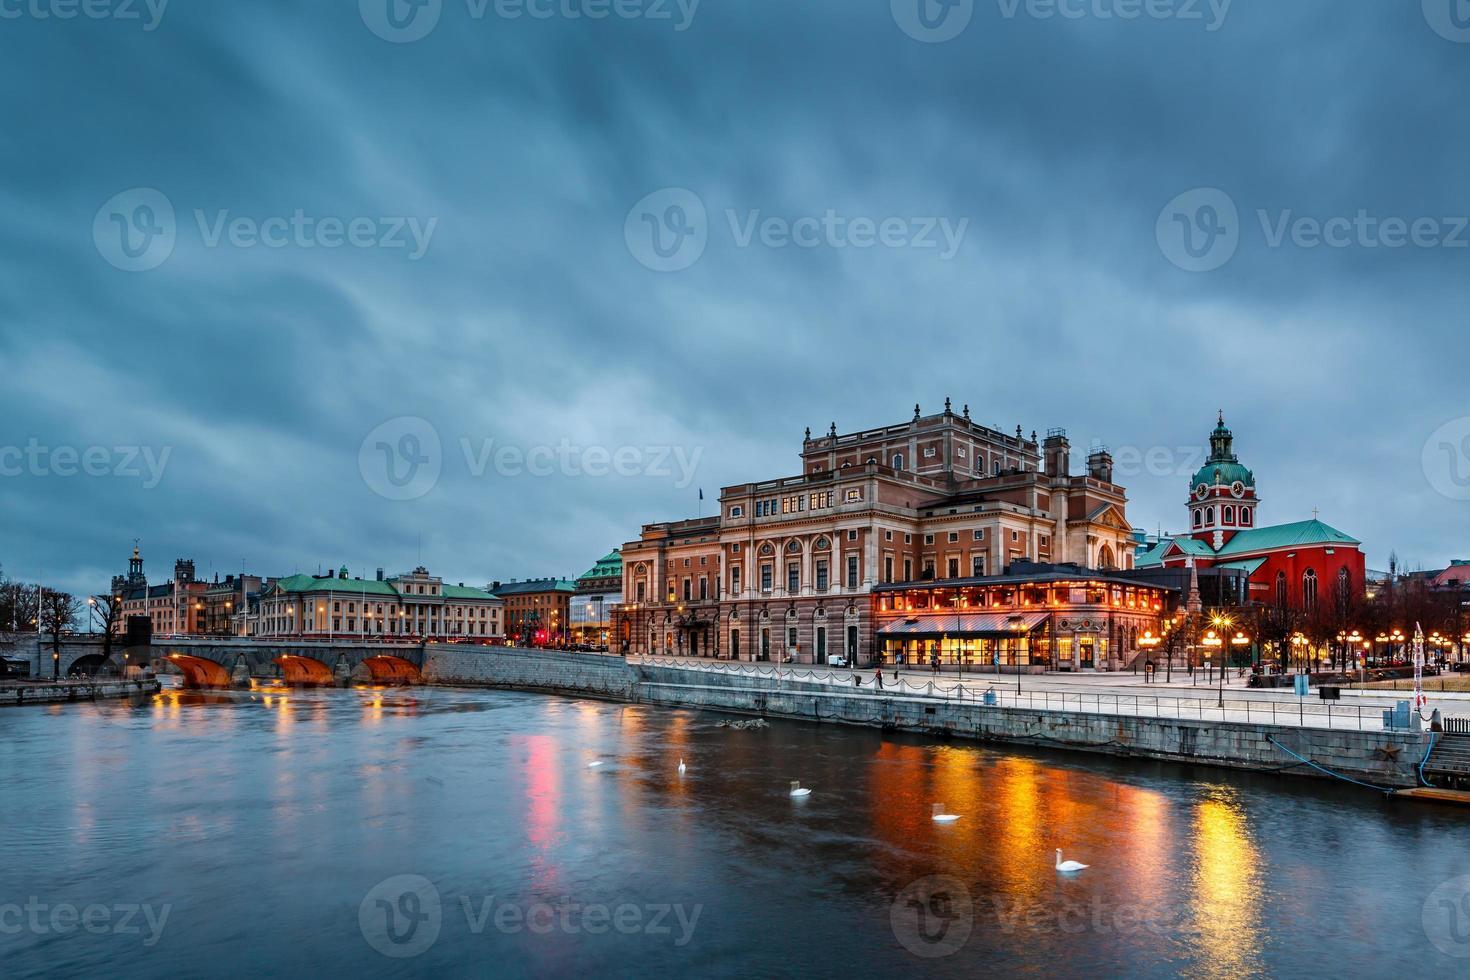 abends beleuchtete königliche Oper in Stockholm, Schweden foto